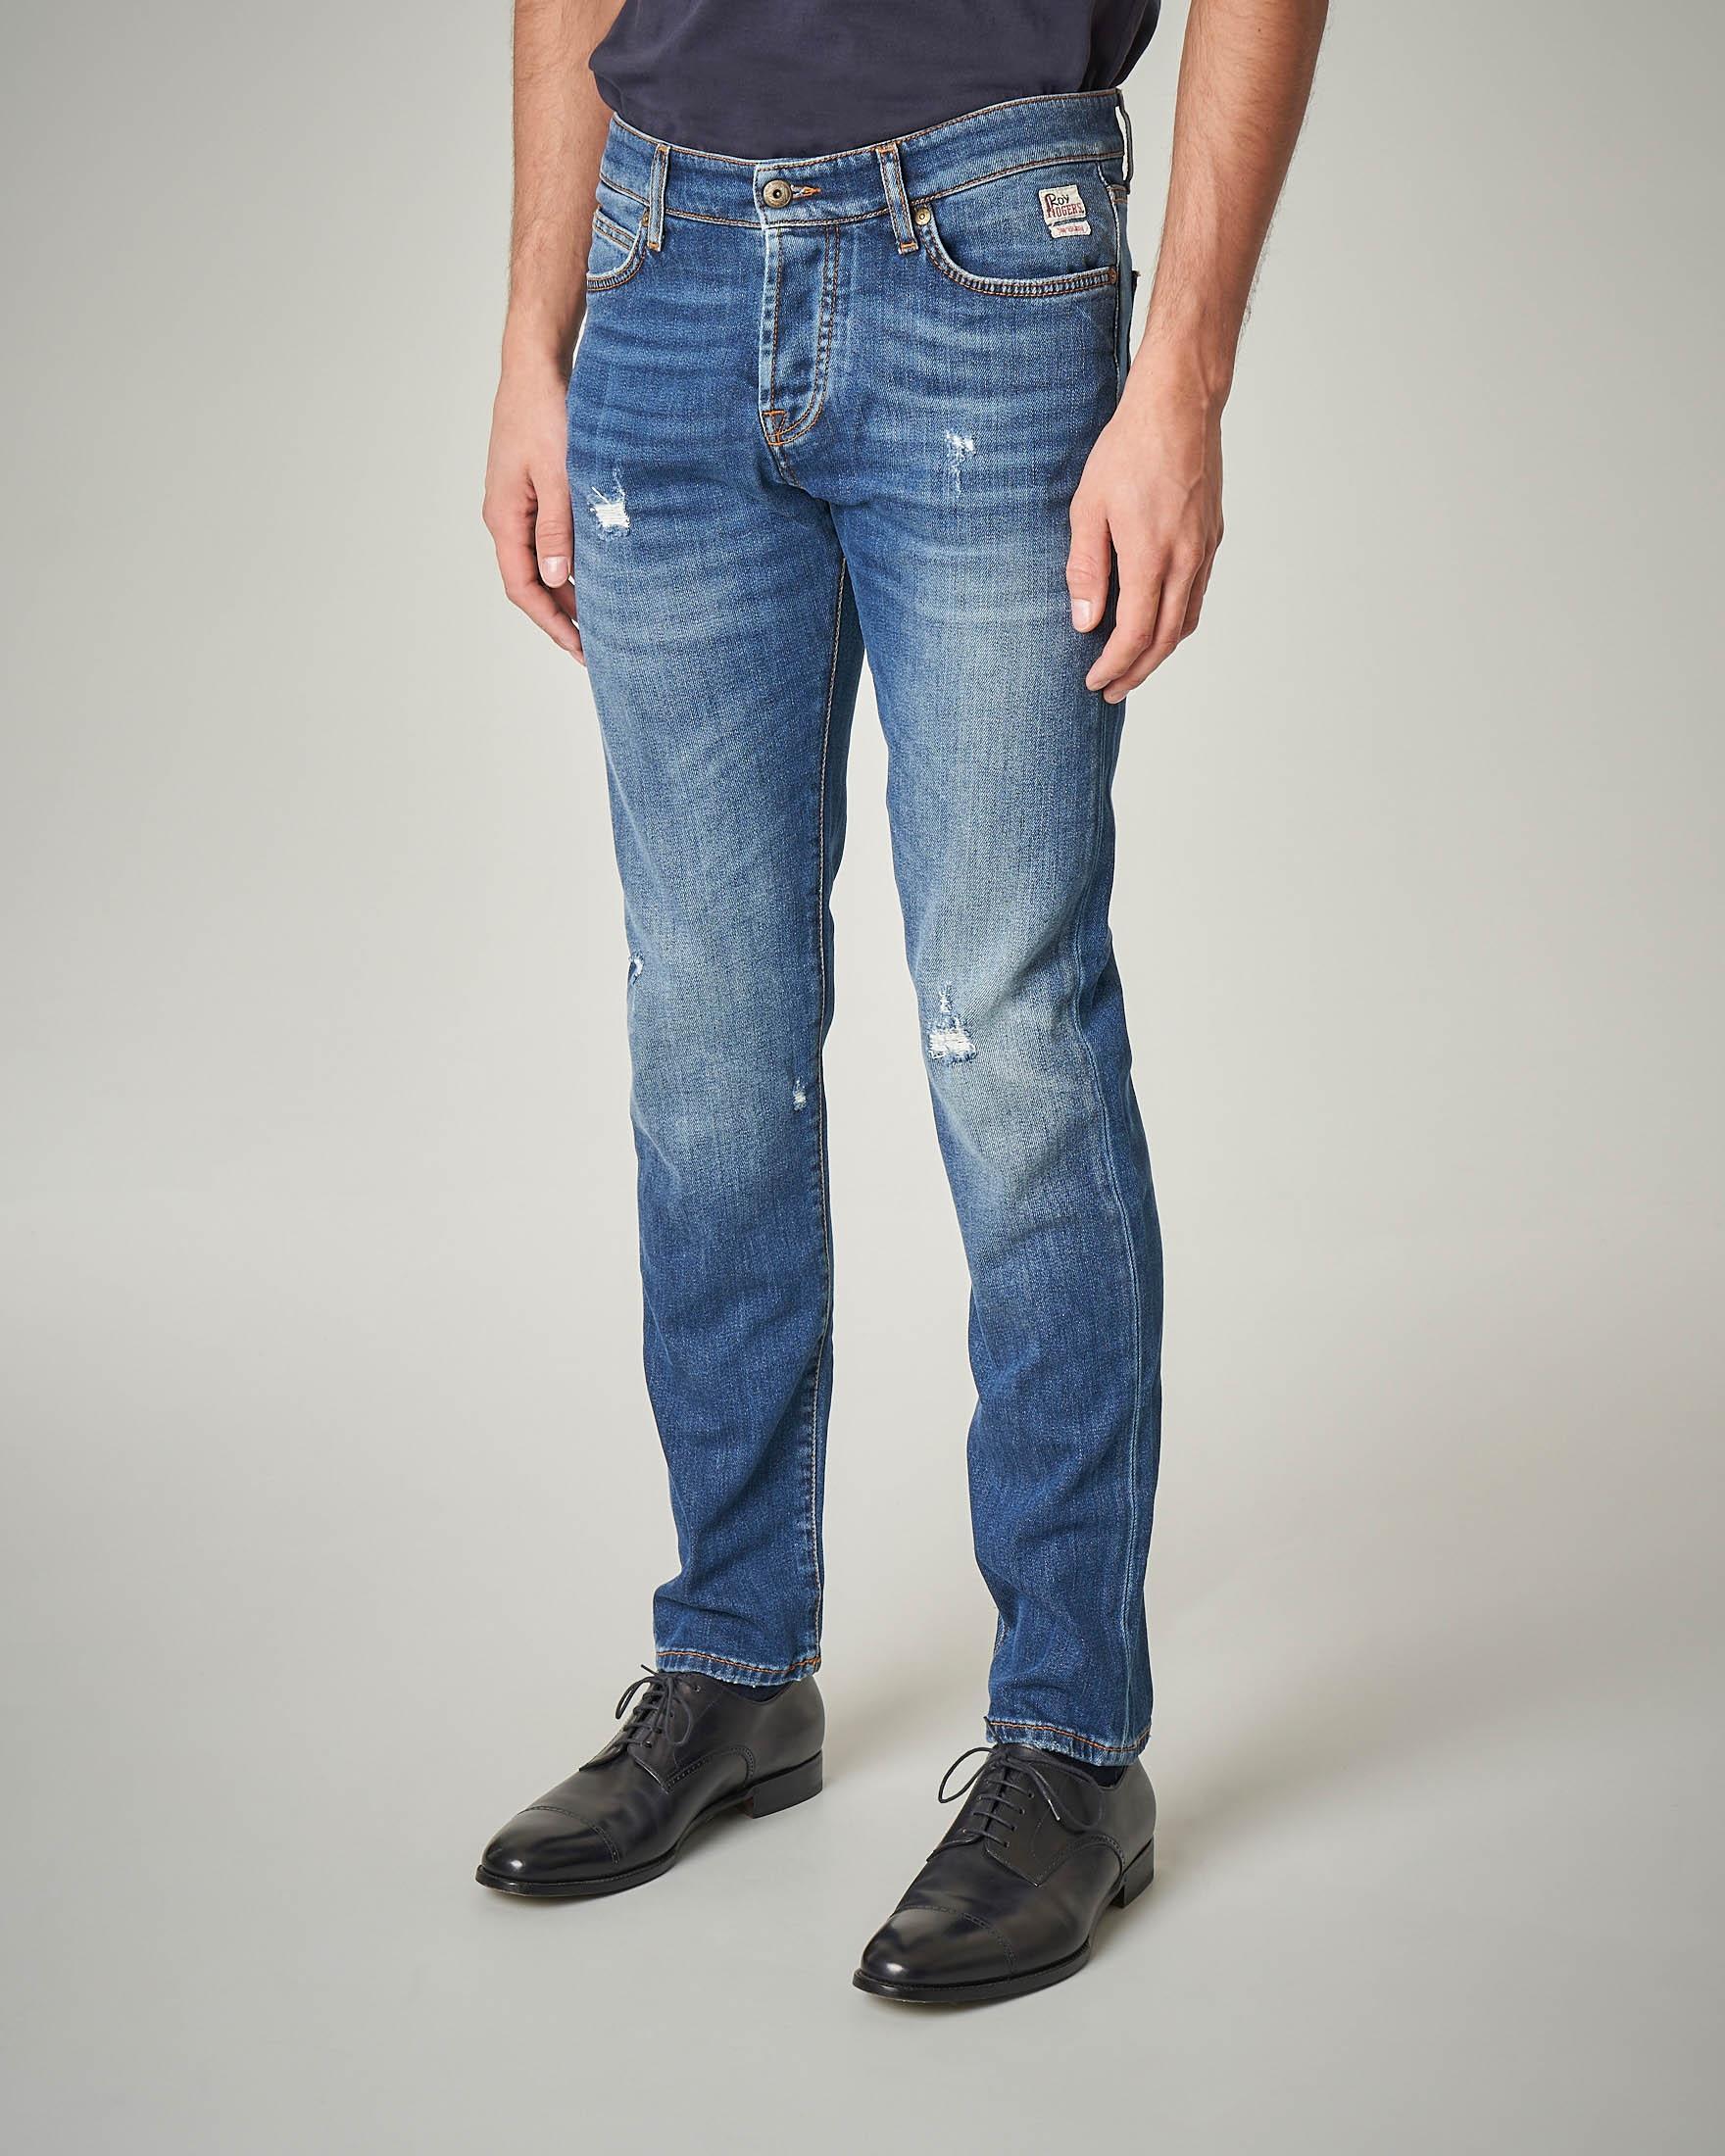 Jeans lavaggio chiaro con abrasioni e vita media